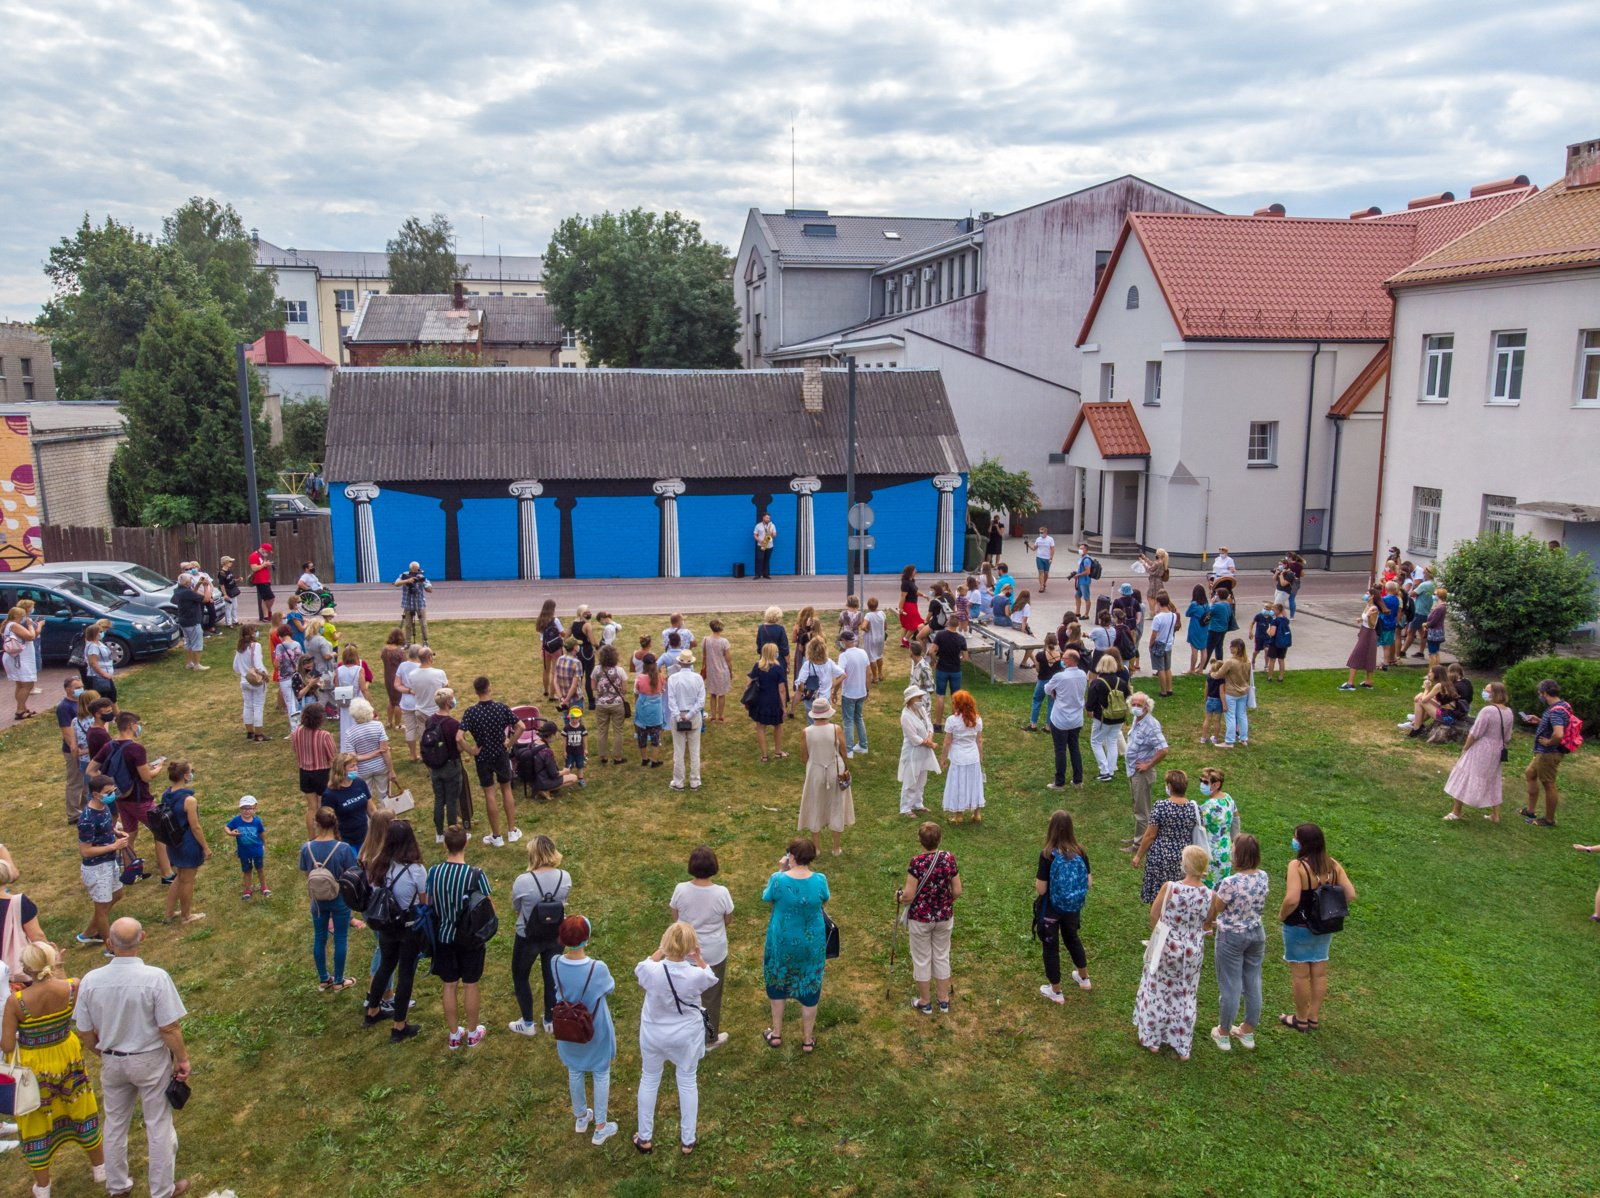 Gatvės meno meka vadinama Marijampolė pasipuošė naujais tarptautinio meno simpoziumo Malonny kūriniais